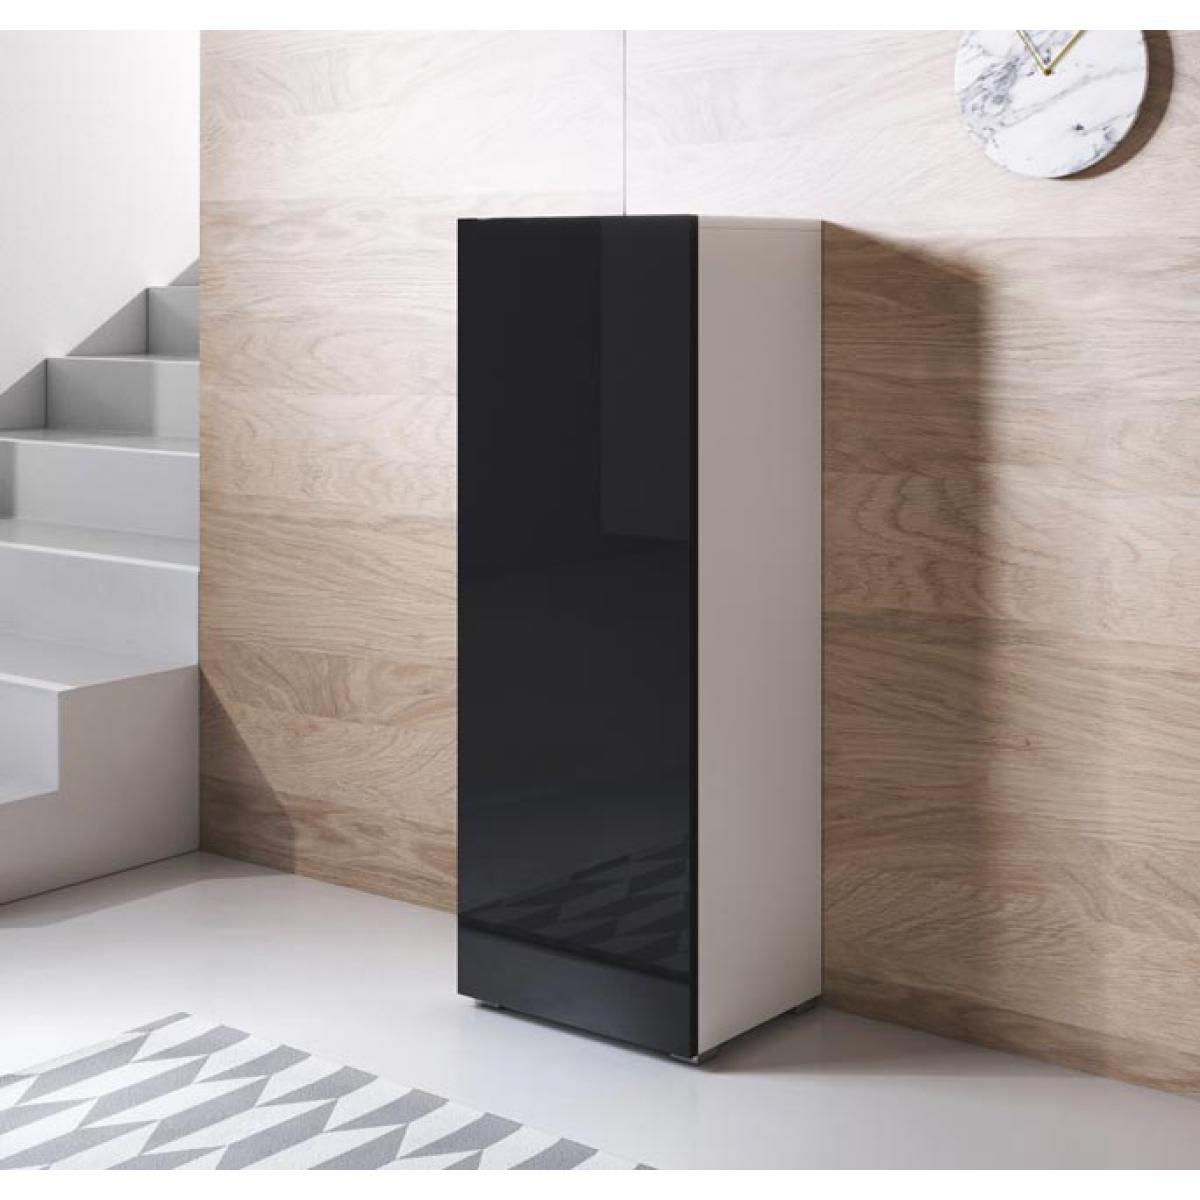 Design Ameublement Armoire modèle Luke V1 (40x128cm) couleur blanc et noir avec pieds standard